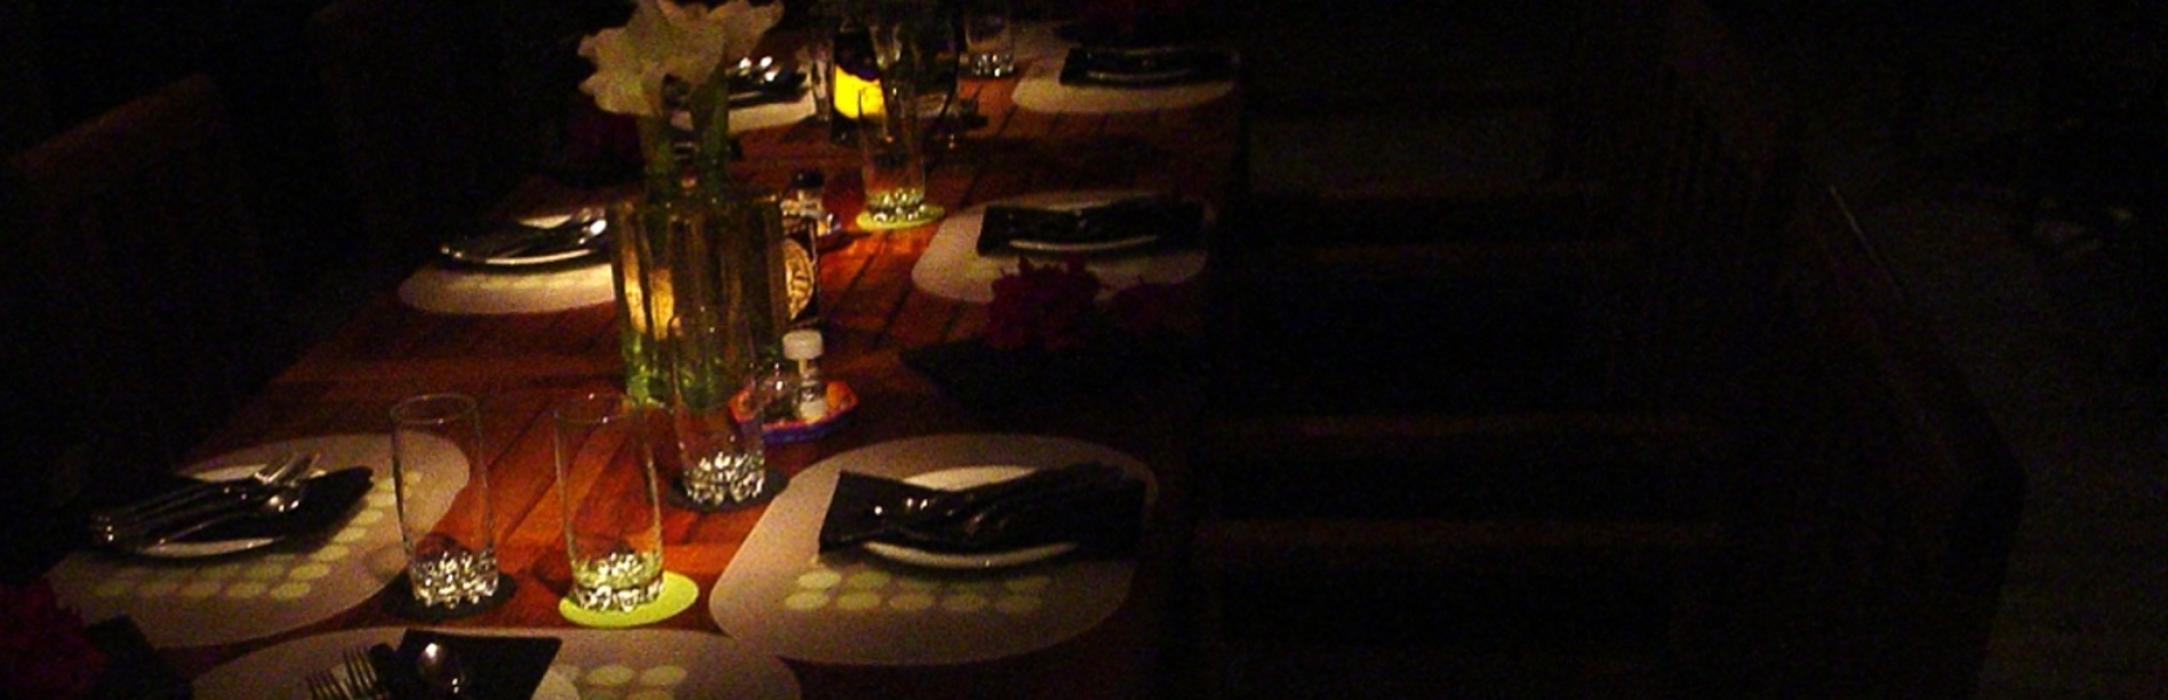 dinner-setting-pura-vidaa